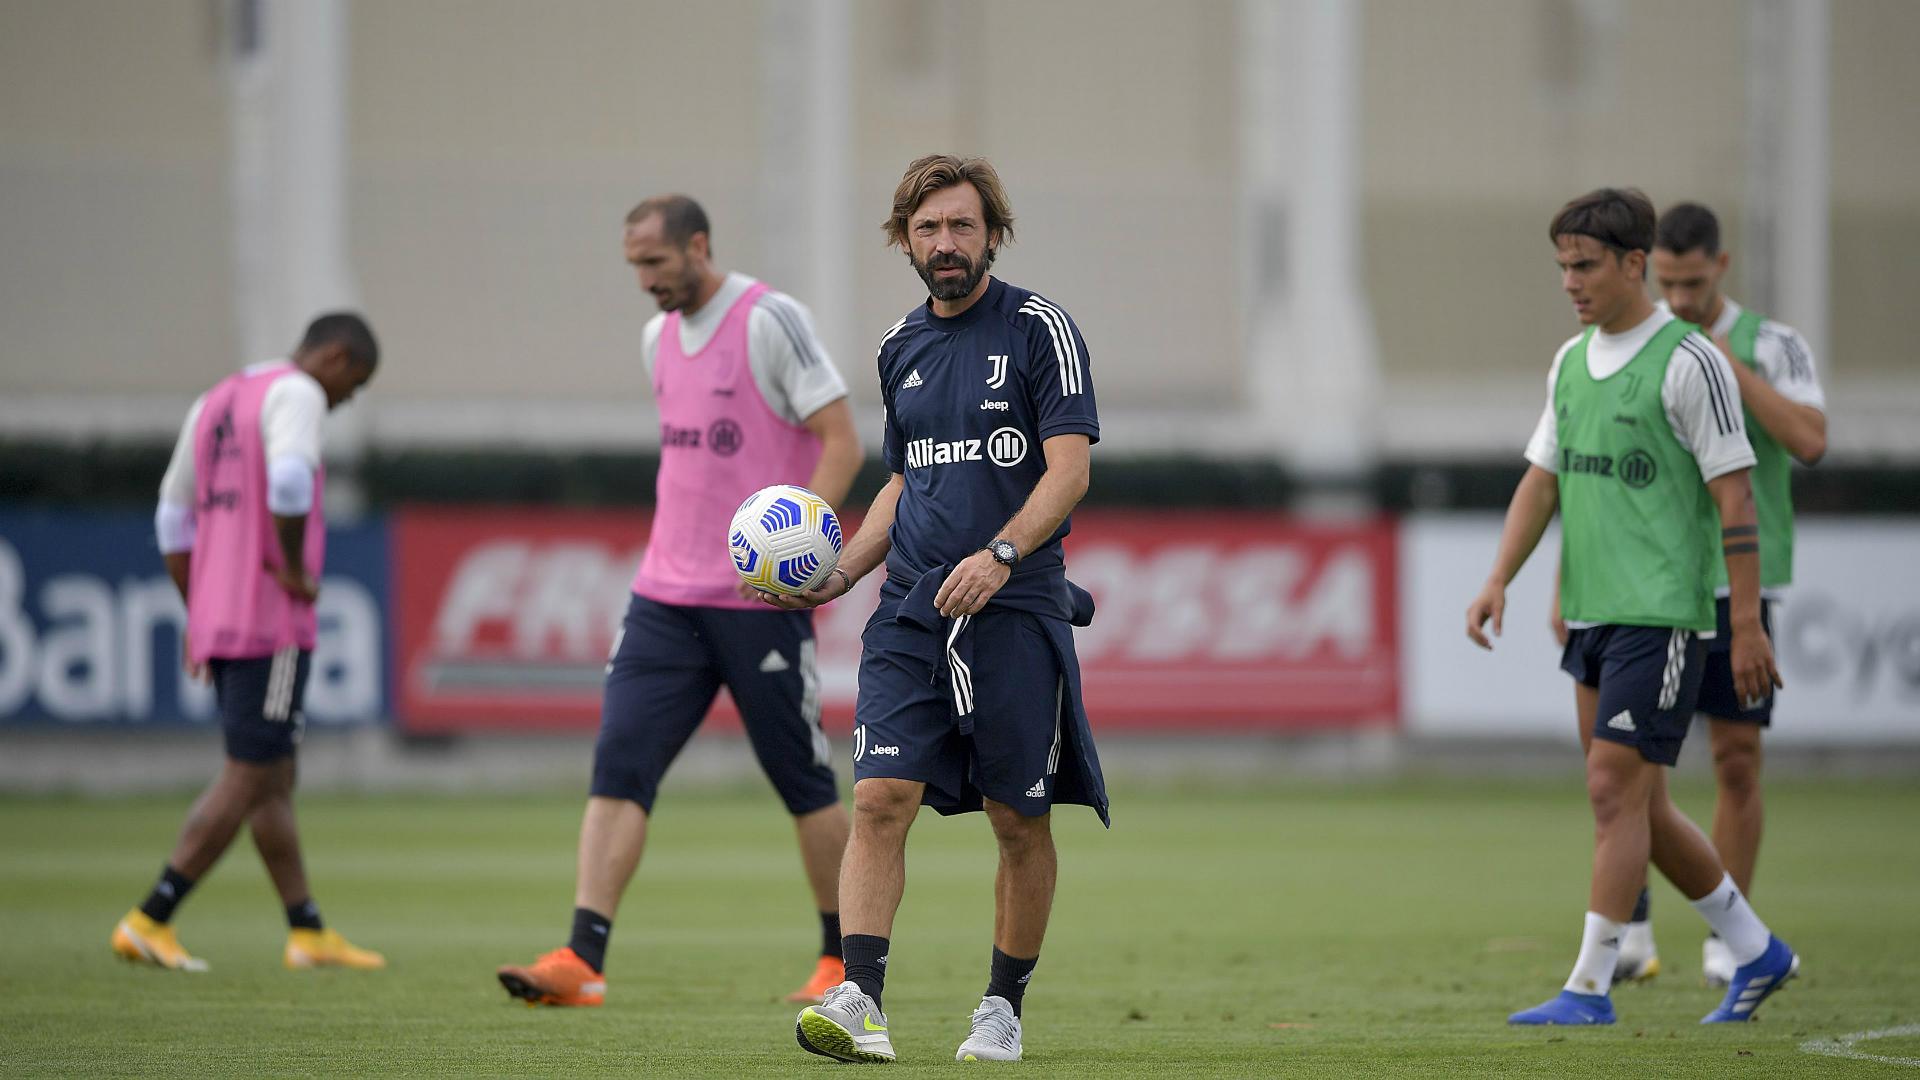 Juventus having more fun under Pirlo than Sarri – Ramsey